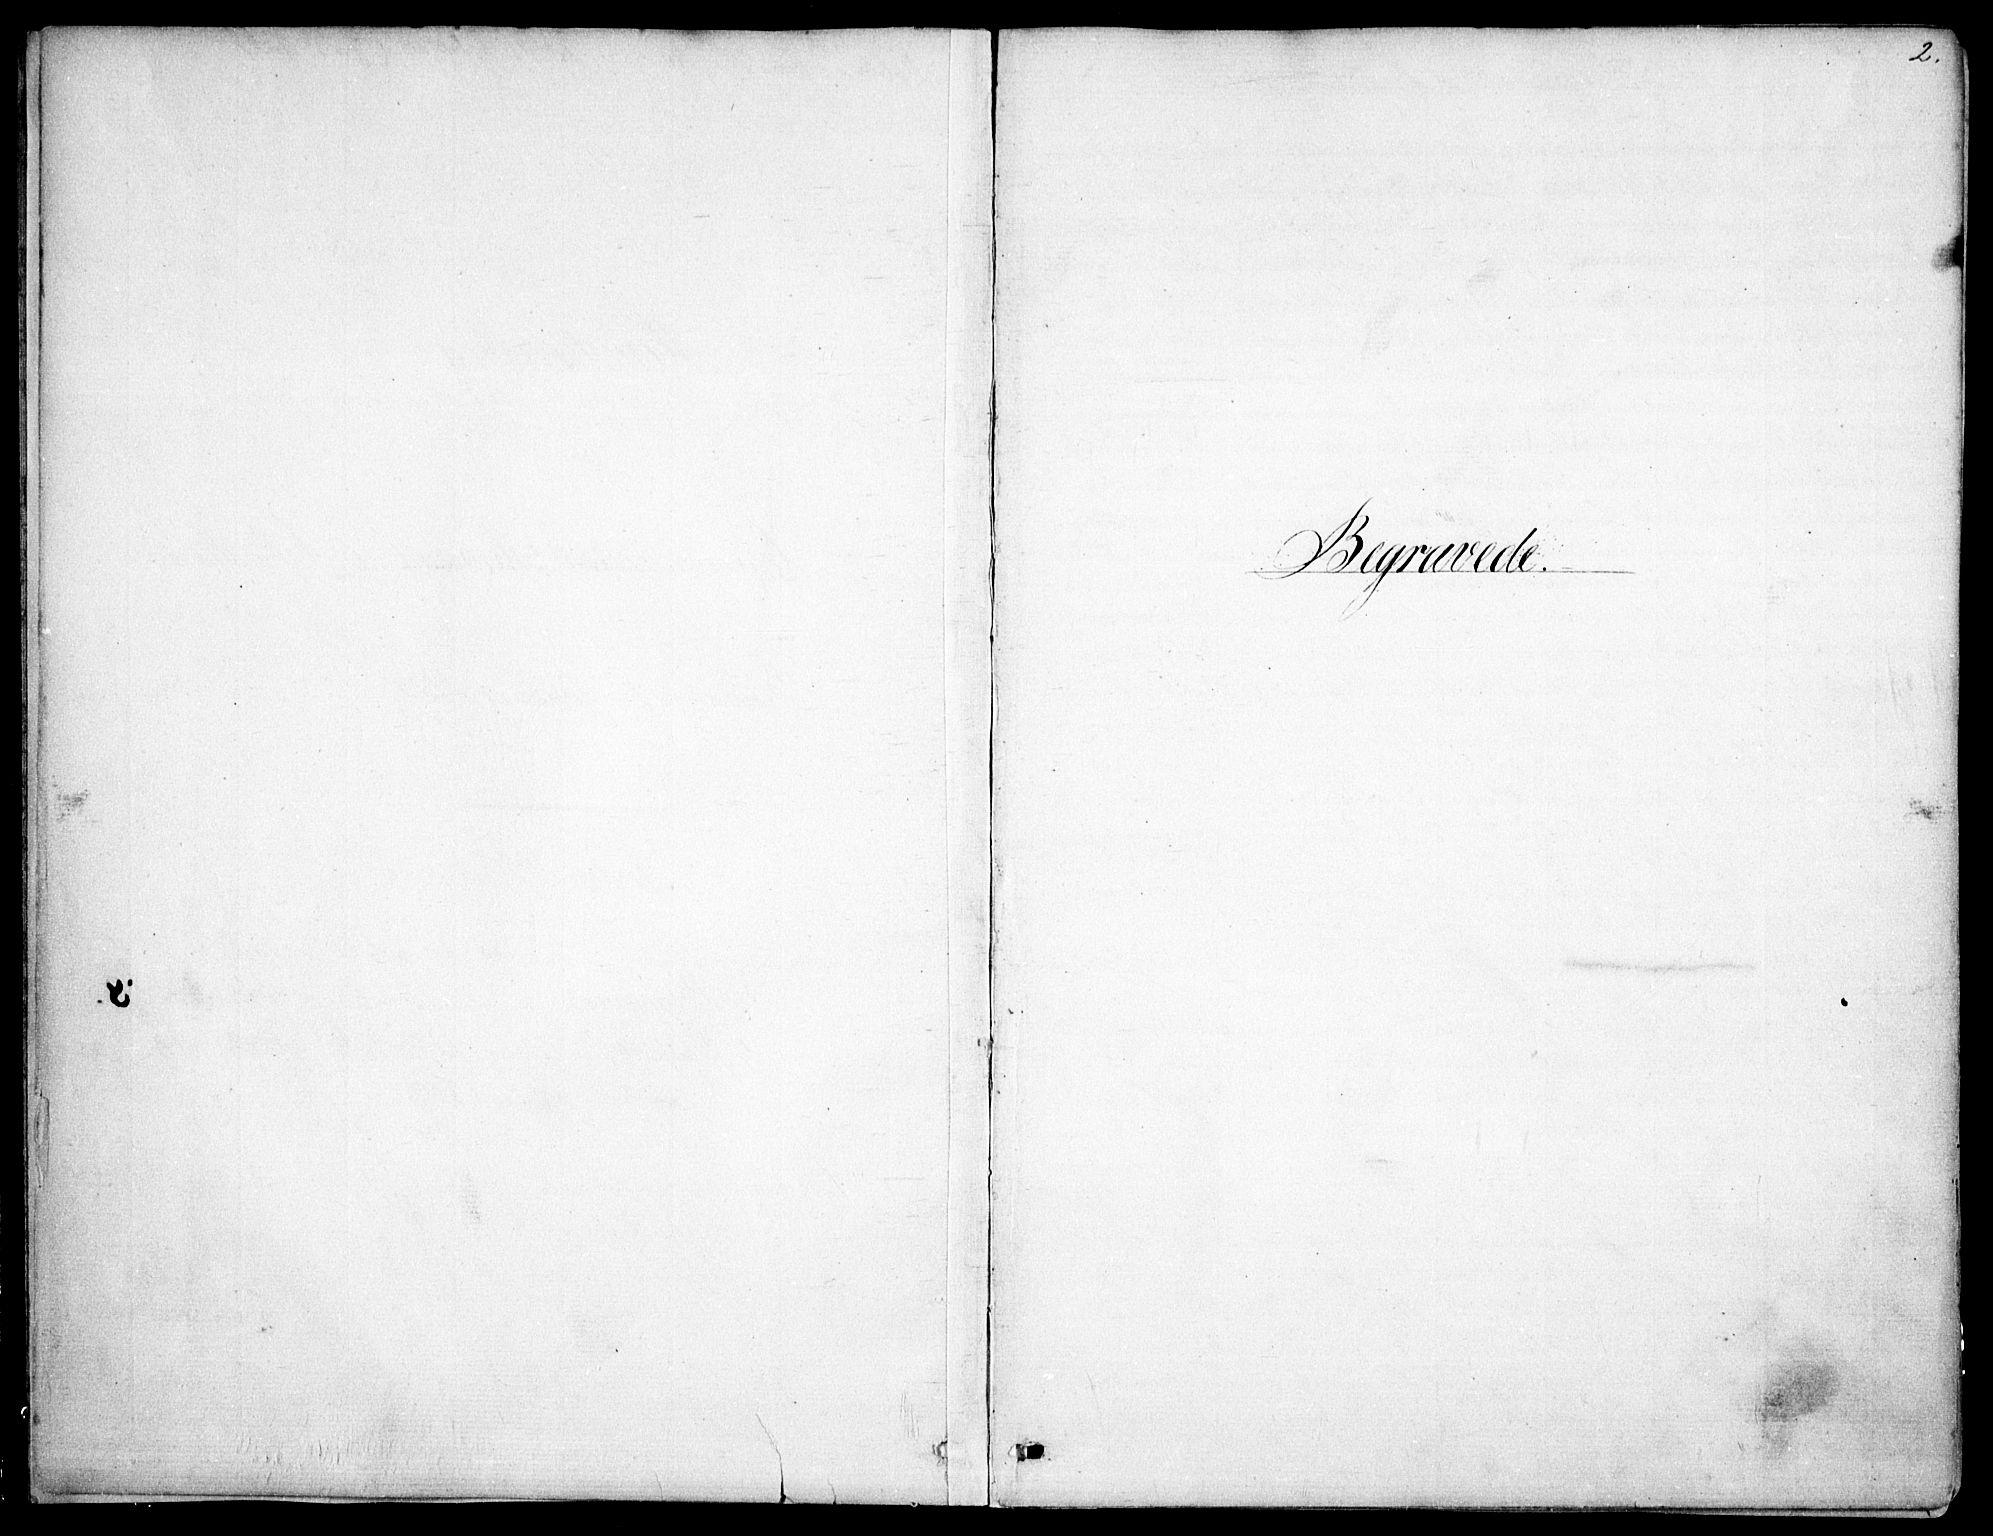 SAO, Garnisonsmenigheten Kirkebøker, F/Fa/L0009: Ministerialbok nr. 9, 1842-1859, s. 2